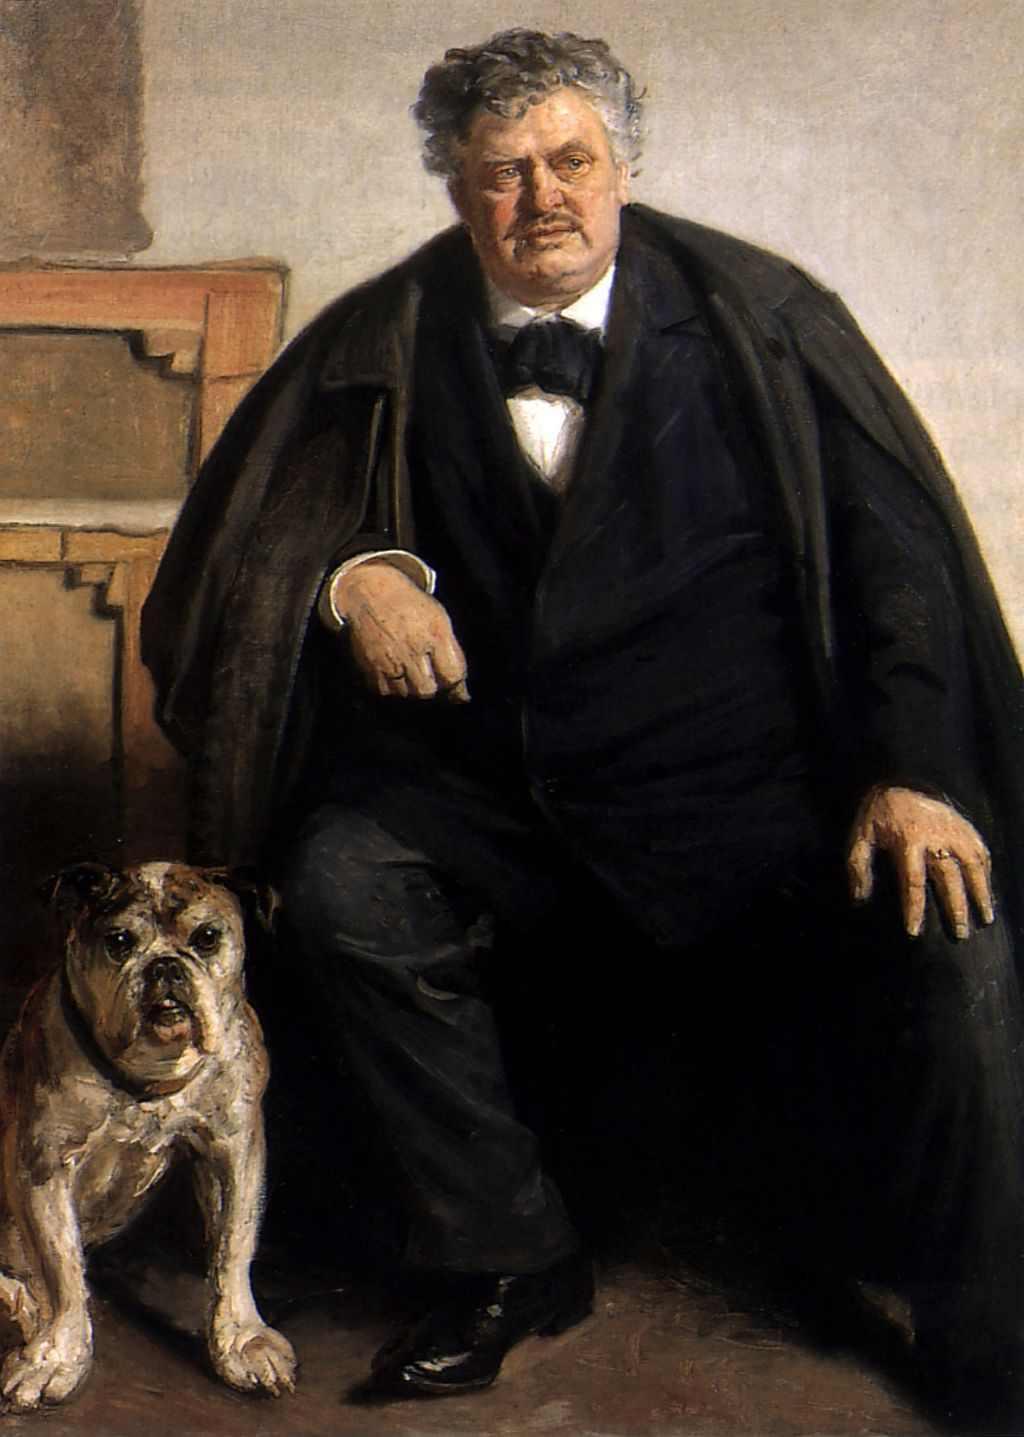 Carl Locher mit seinem Hund Tiger, 1909 gemalt von Michael Ancher: Public Domain ( Sammlung Skagens Museum)